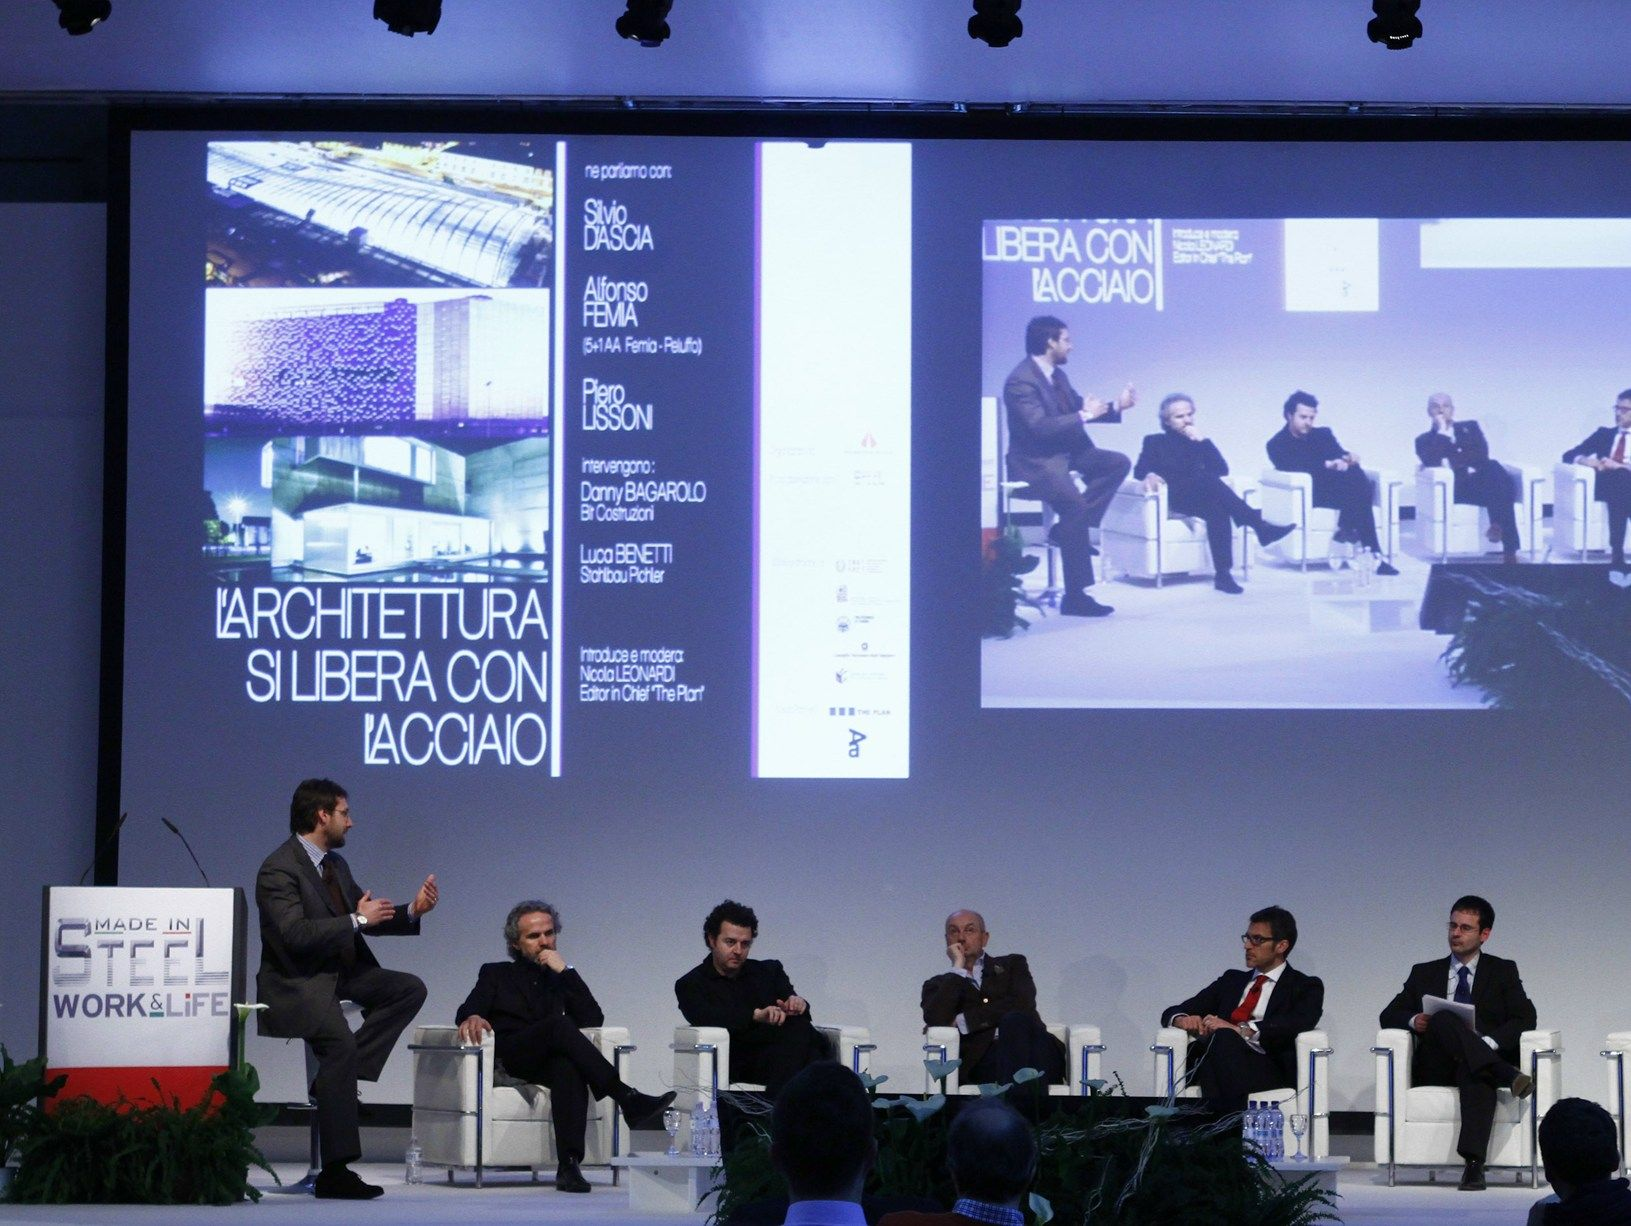 Architettura e acciaio: il dialogo